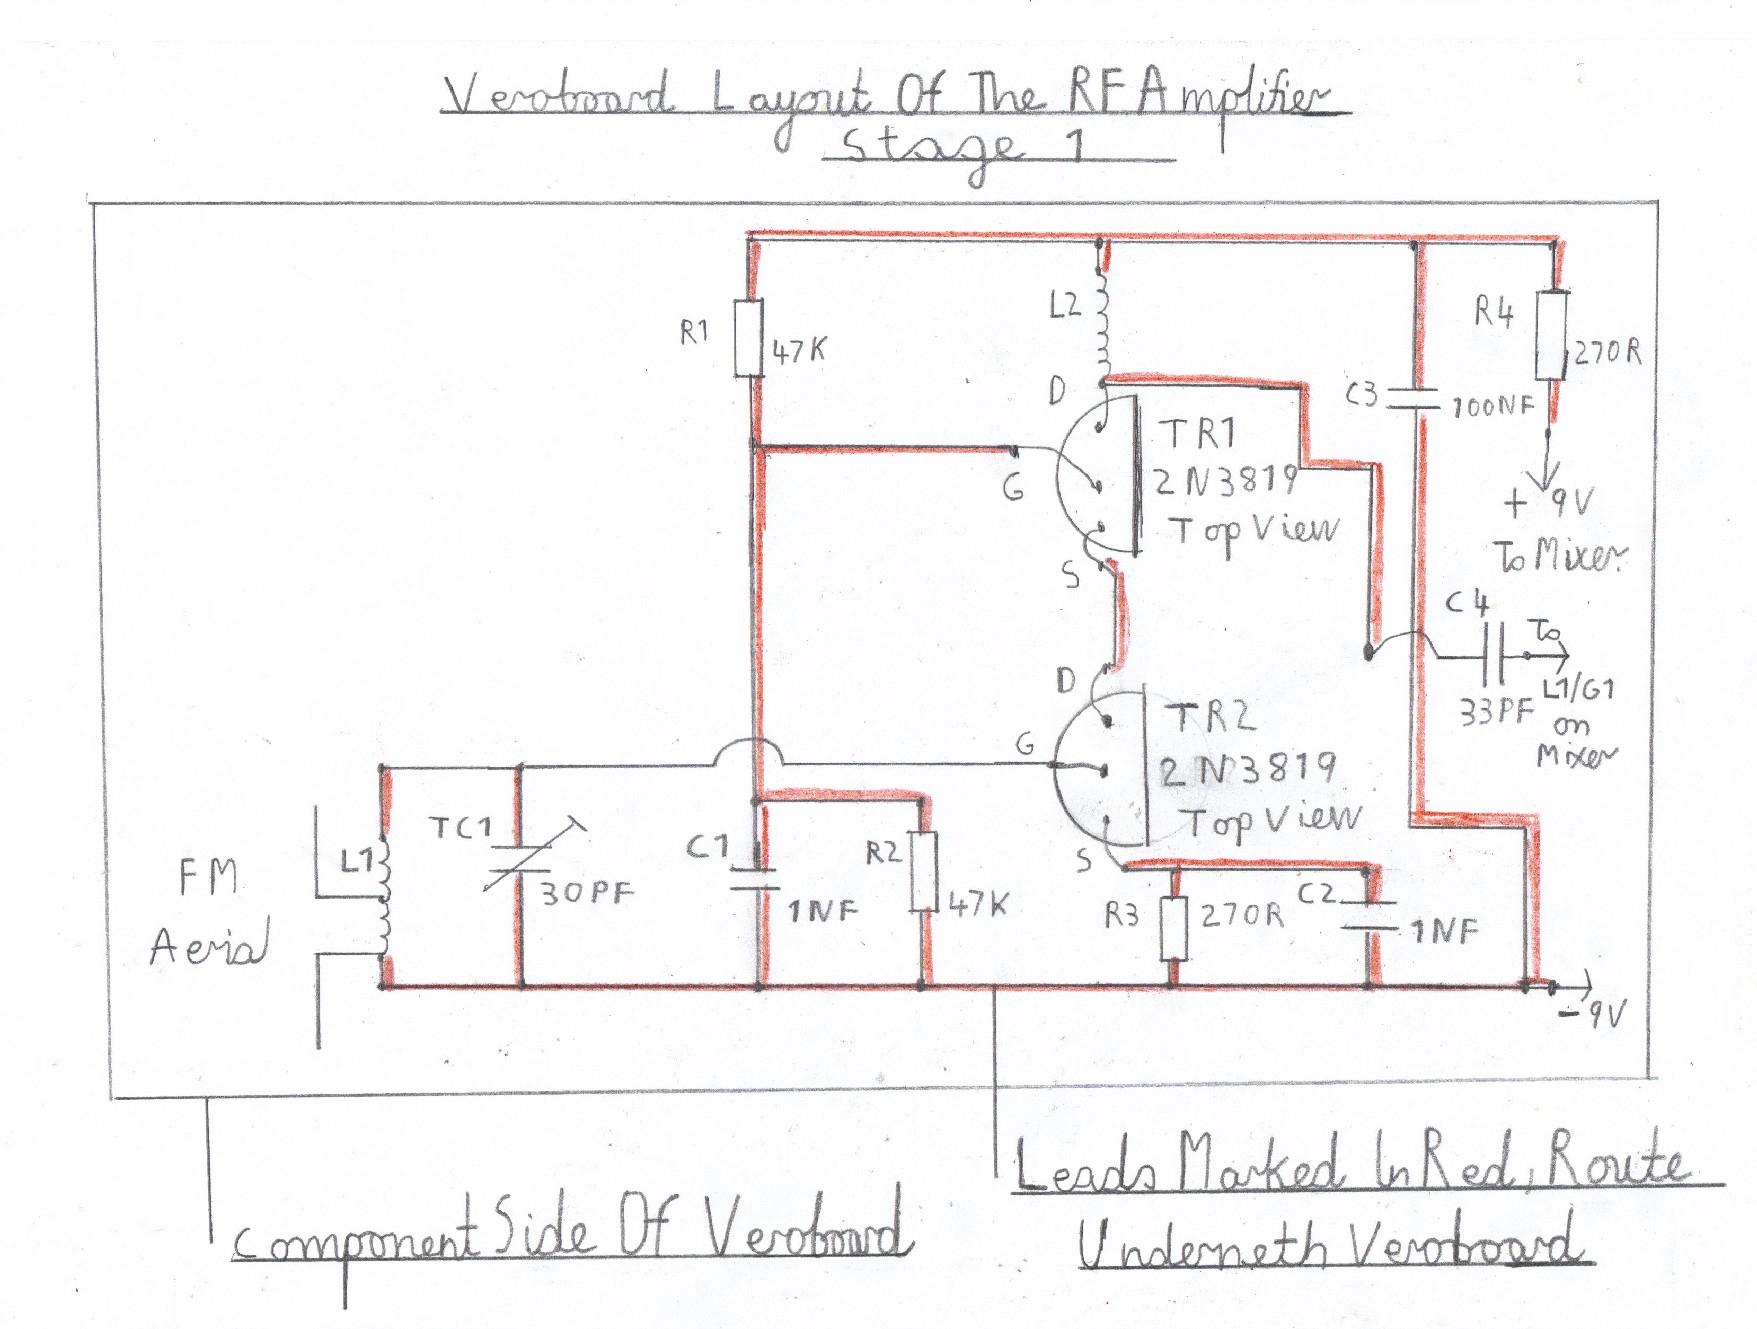 Basic Kitchen Electrical Wiring Diagram   Wiring Diagram - Kitchen Electrical Wiring Diagram